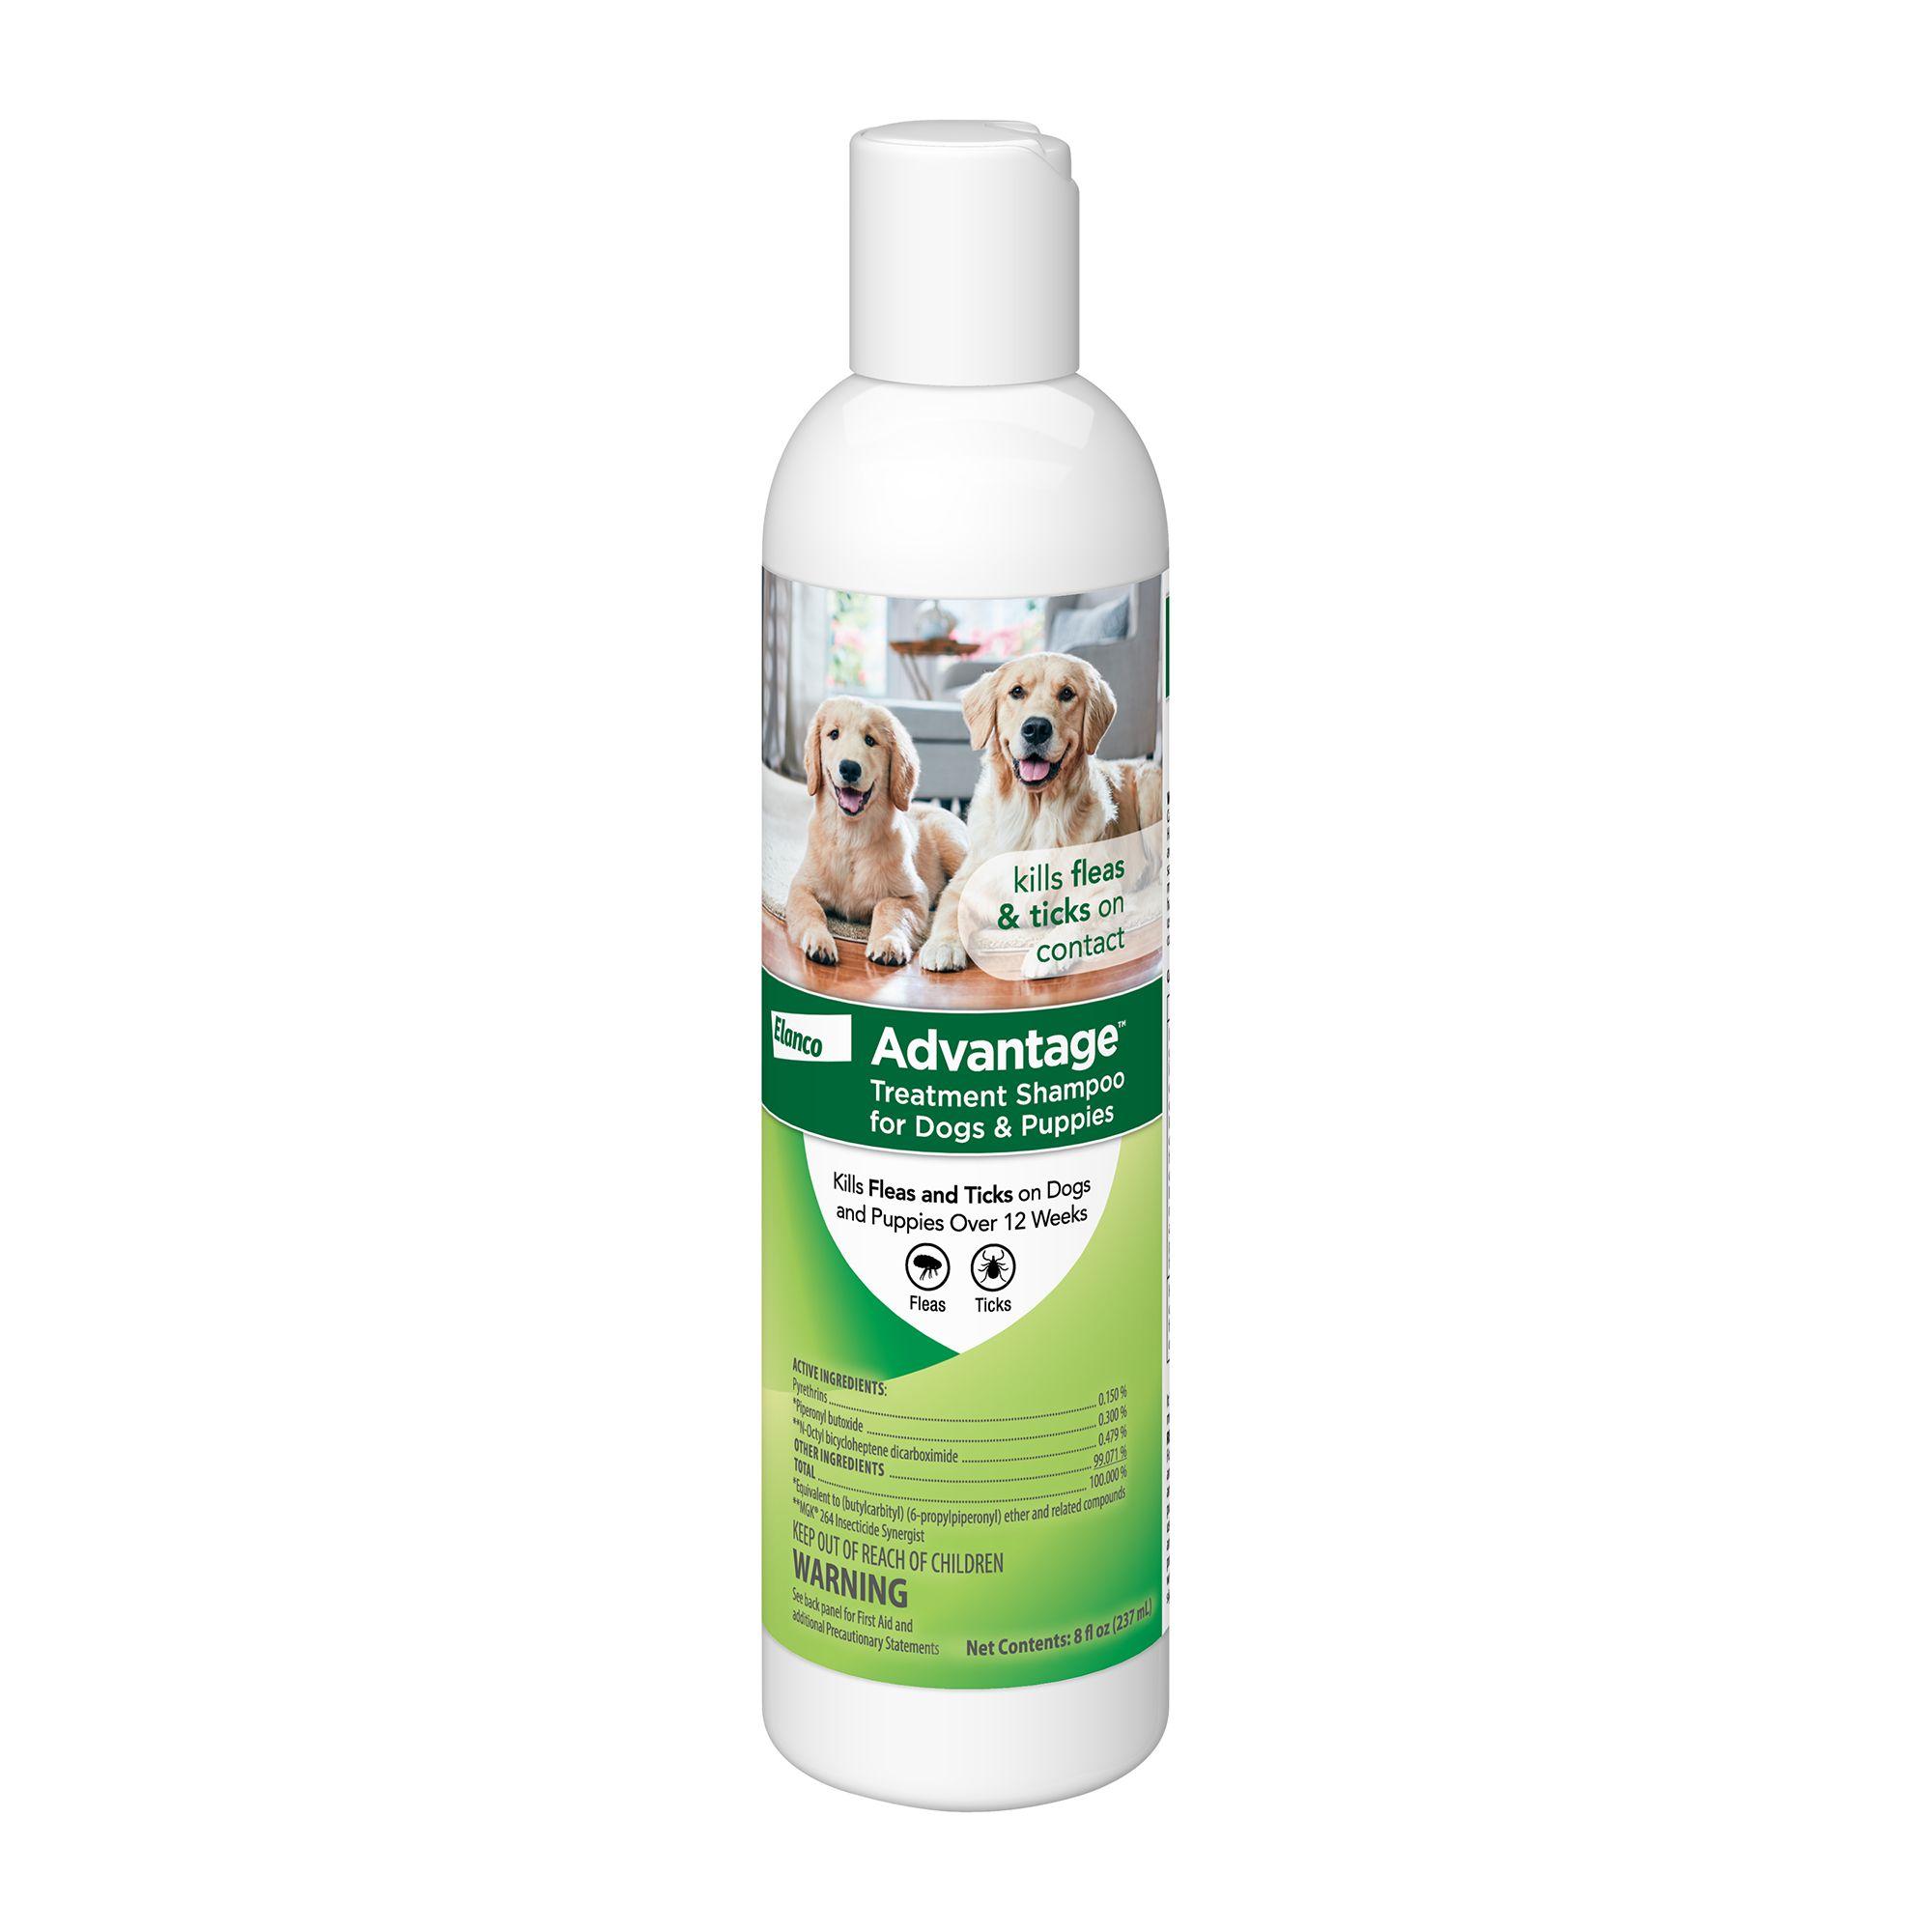 Advantage® 8oz Flea and Tick Dog Shampoo